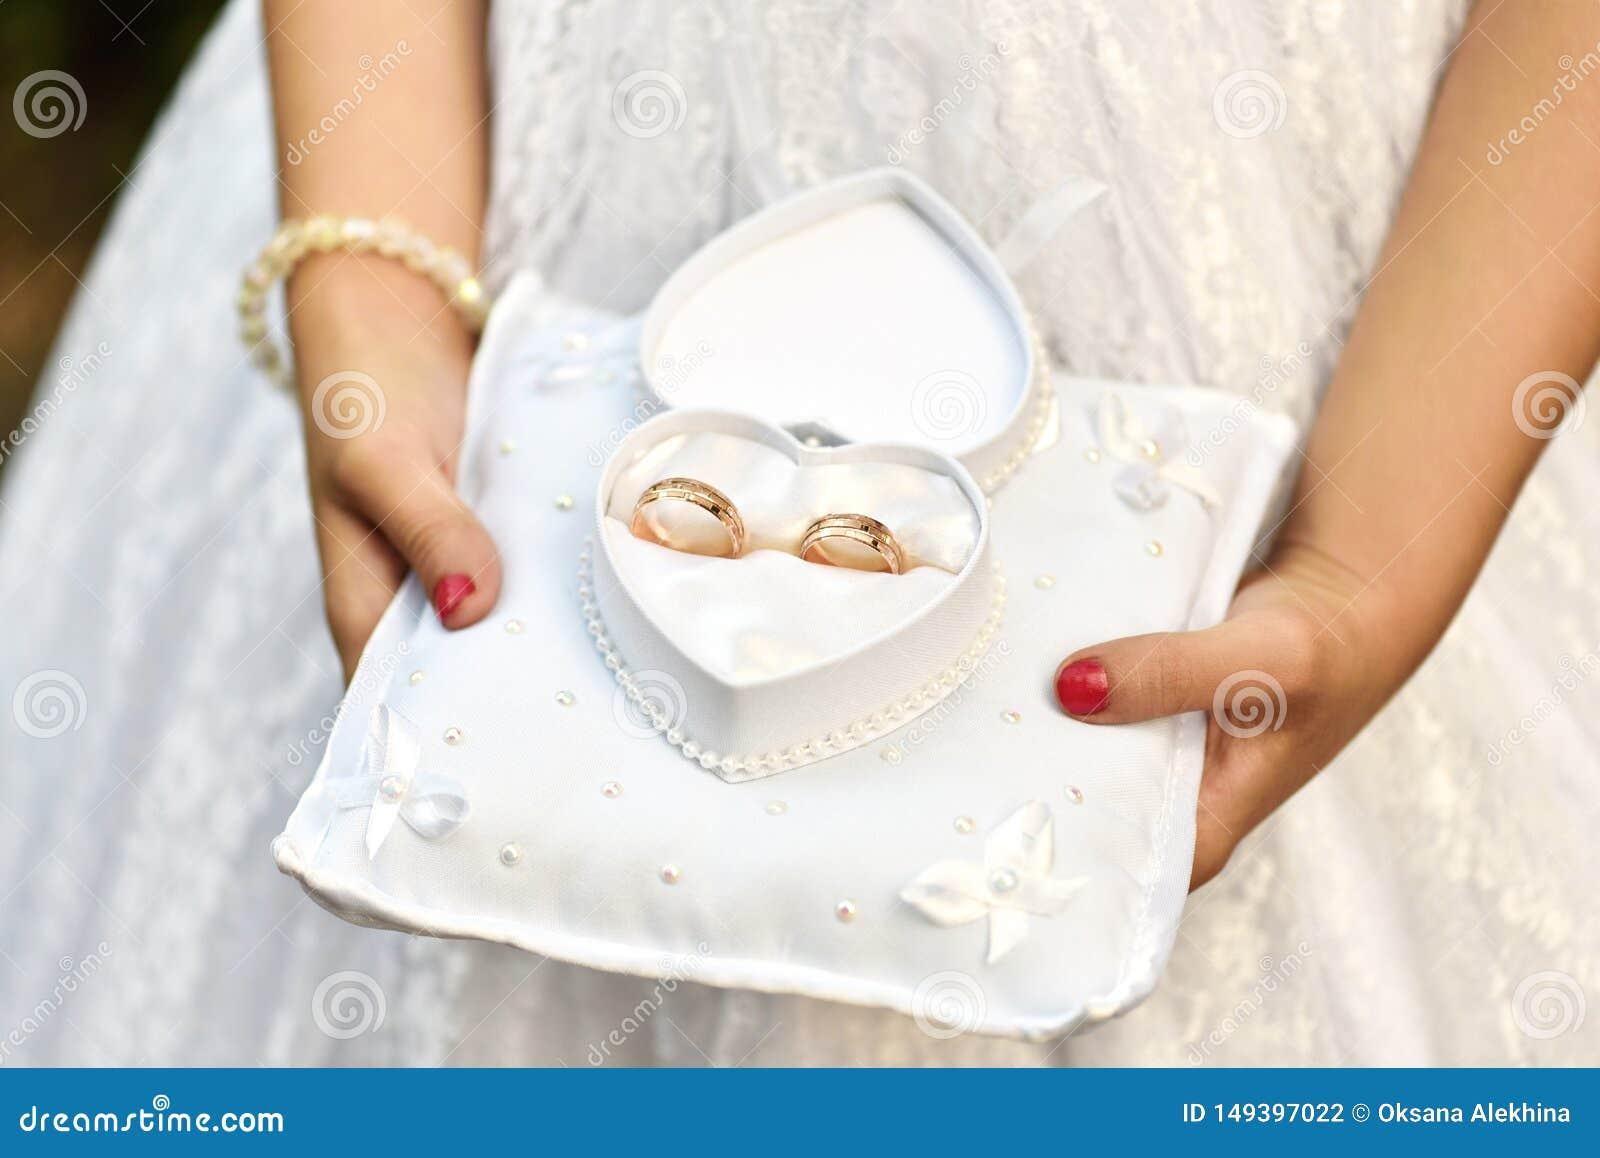 Le mani della ragazza tengono le fedi nuziali in una scatola in forma di cuore